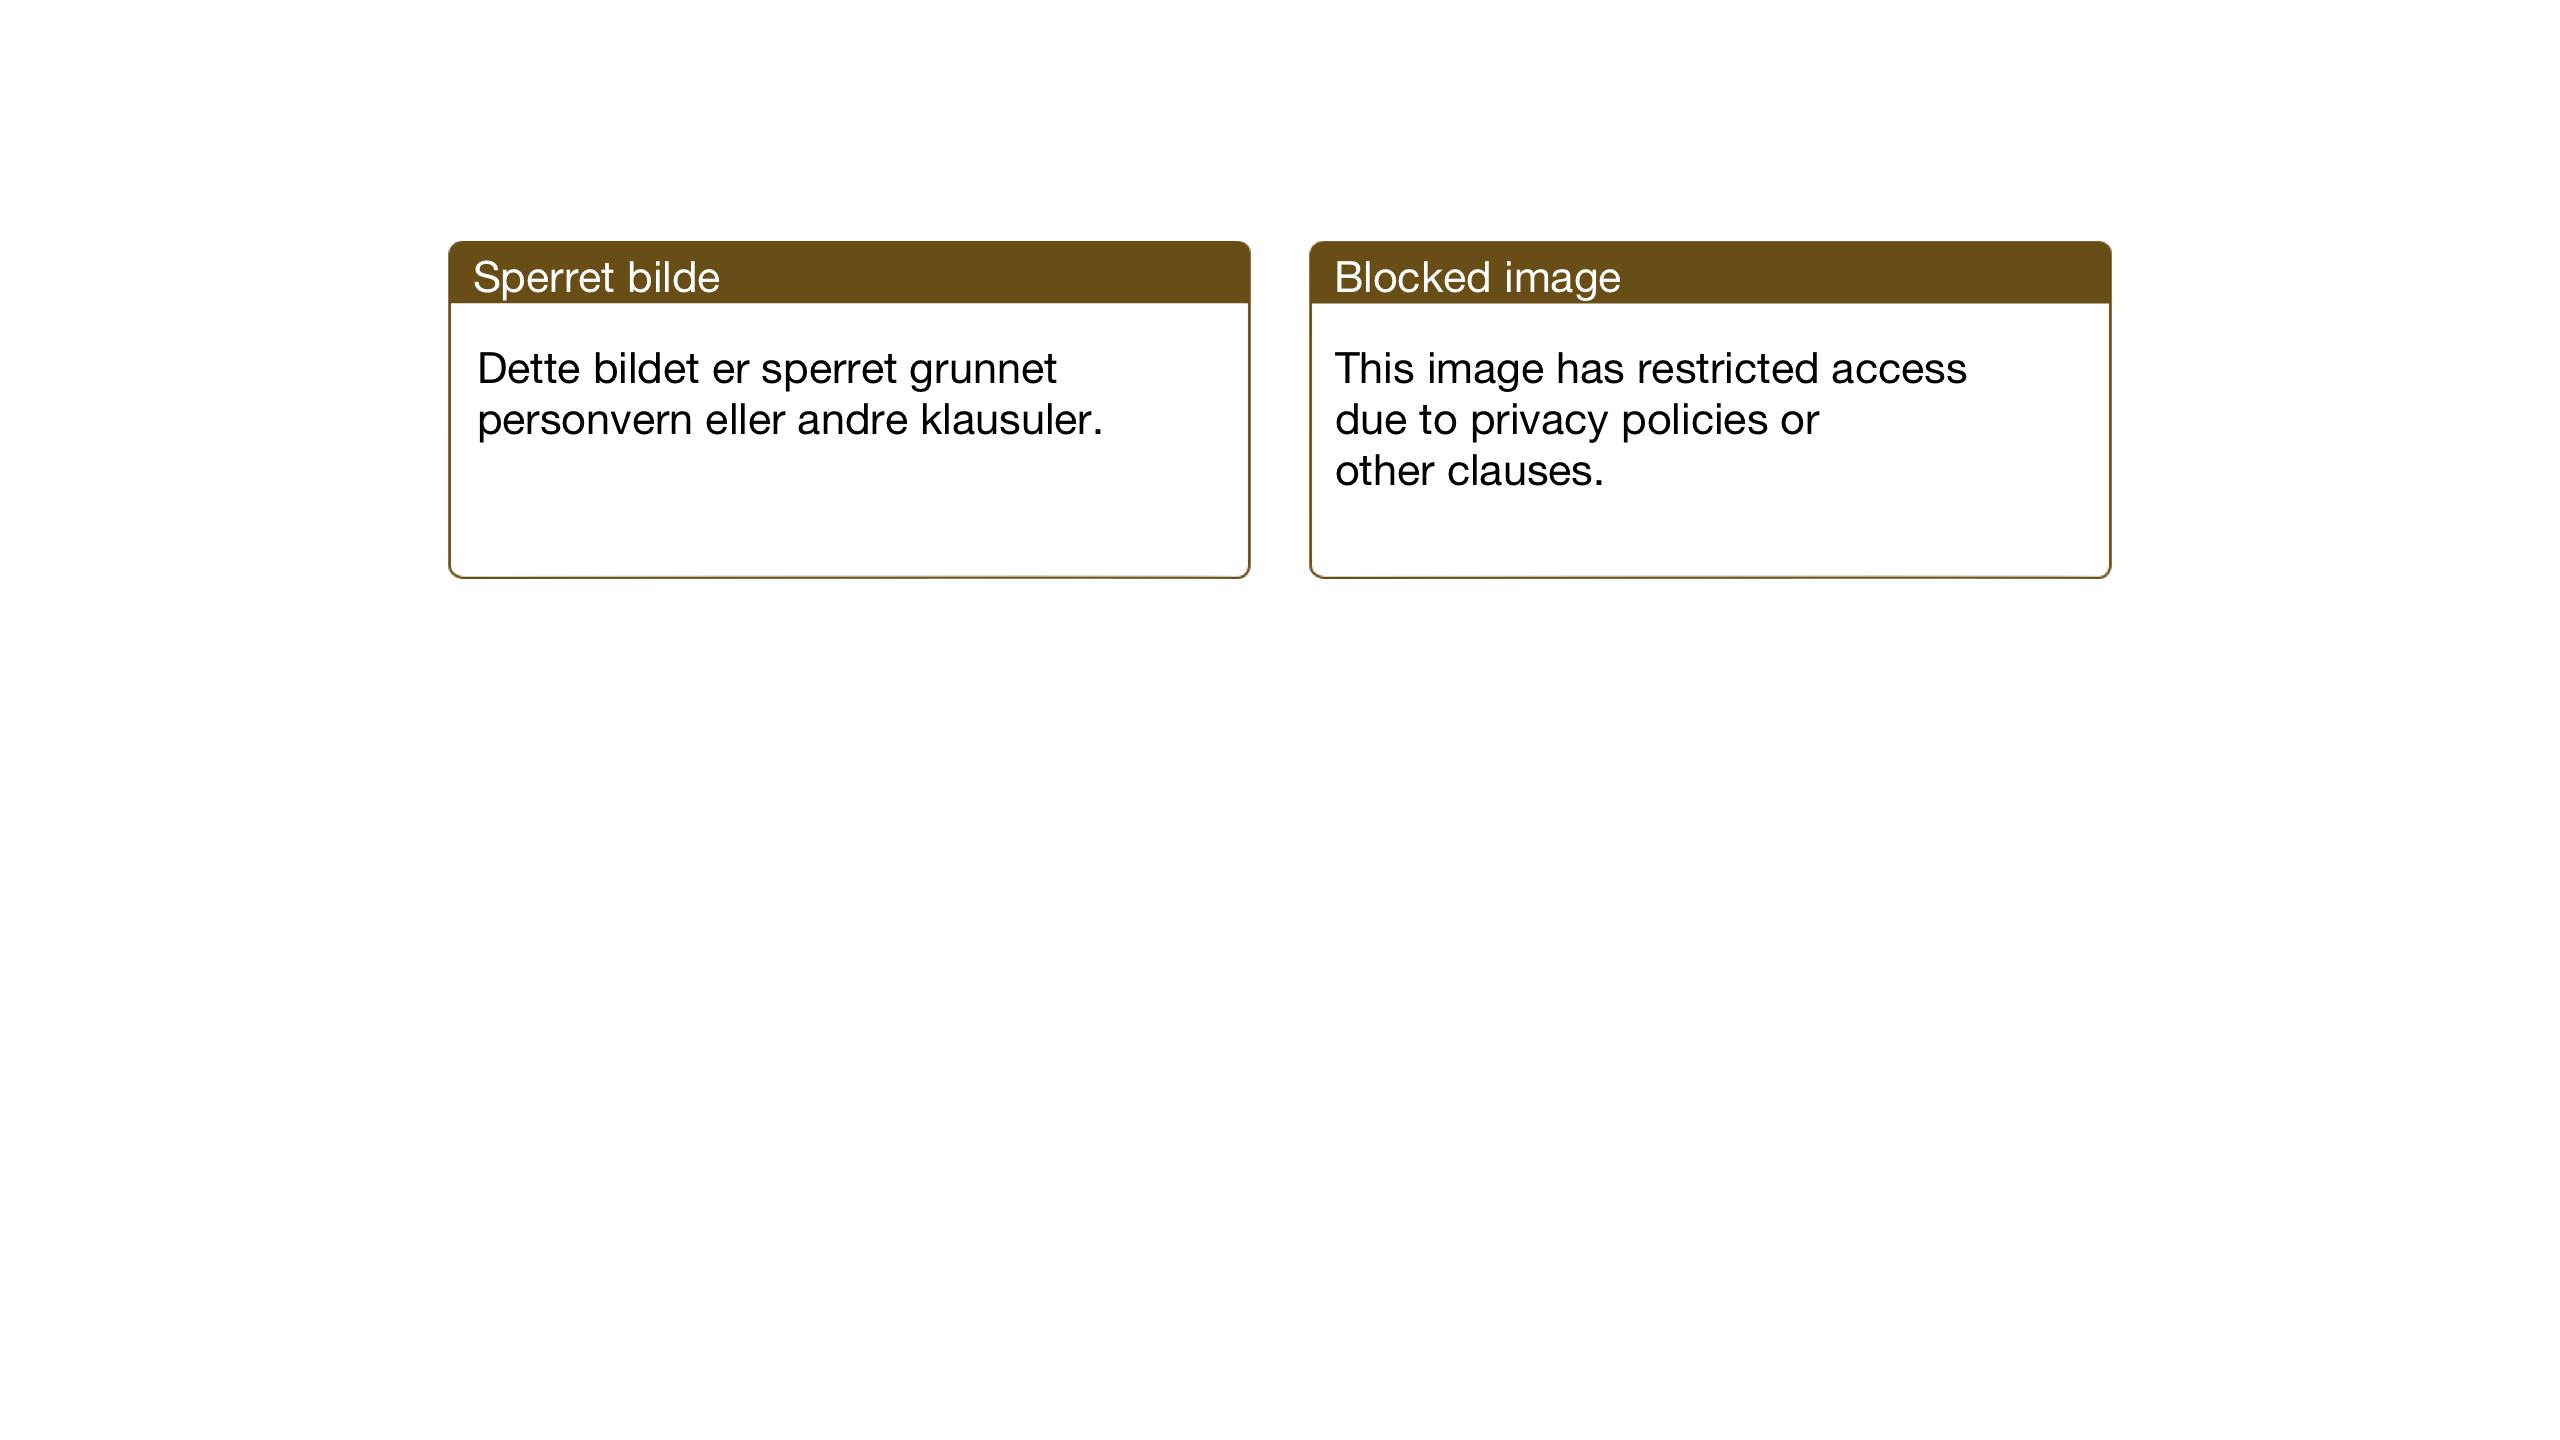 SAT, Ministerialprotokoller, klokkerbøker og fødselsregistre - Sør-Trøndelag, 637/L0564: Klokkerbok nr. 637C05, 1928-1968, s. 75